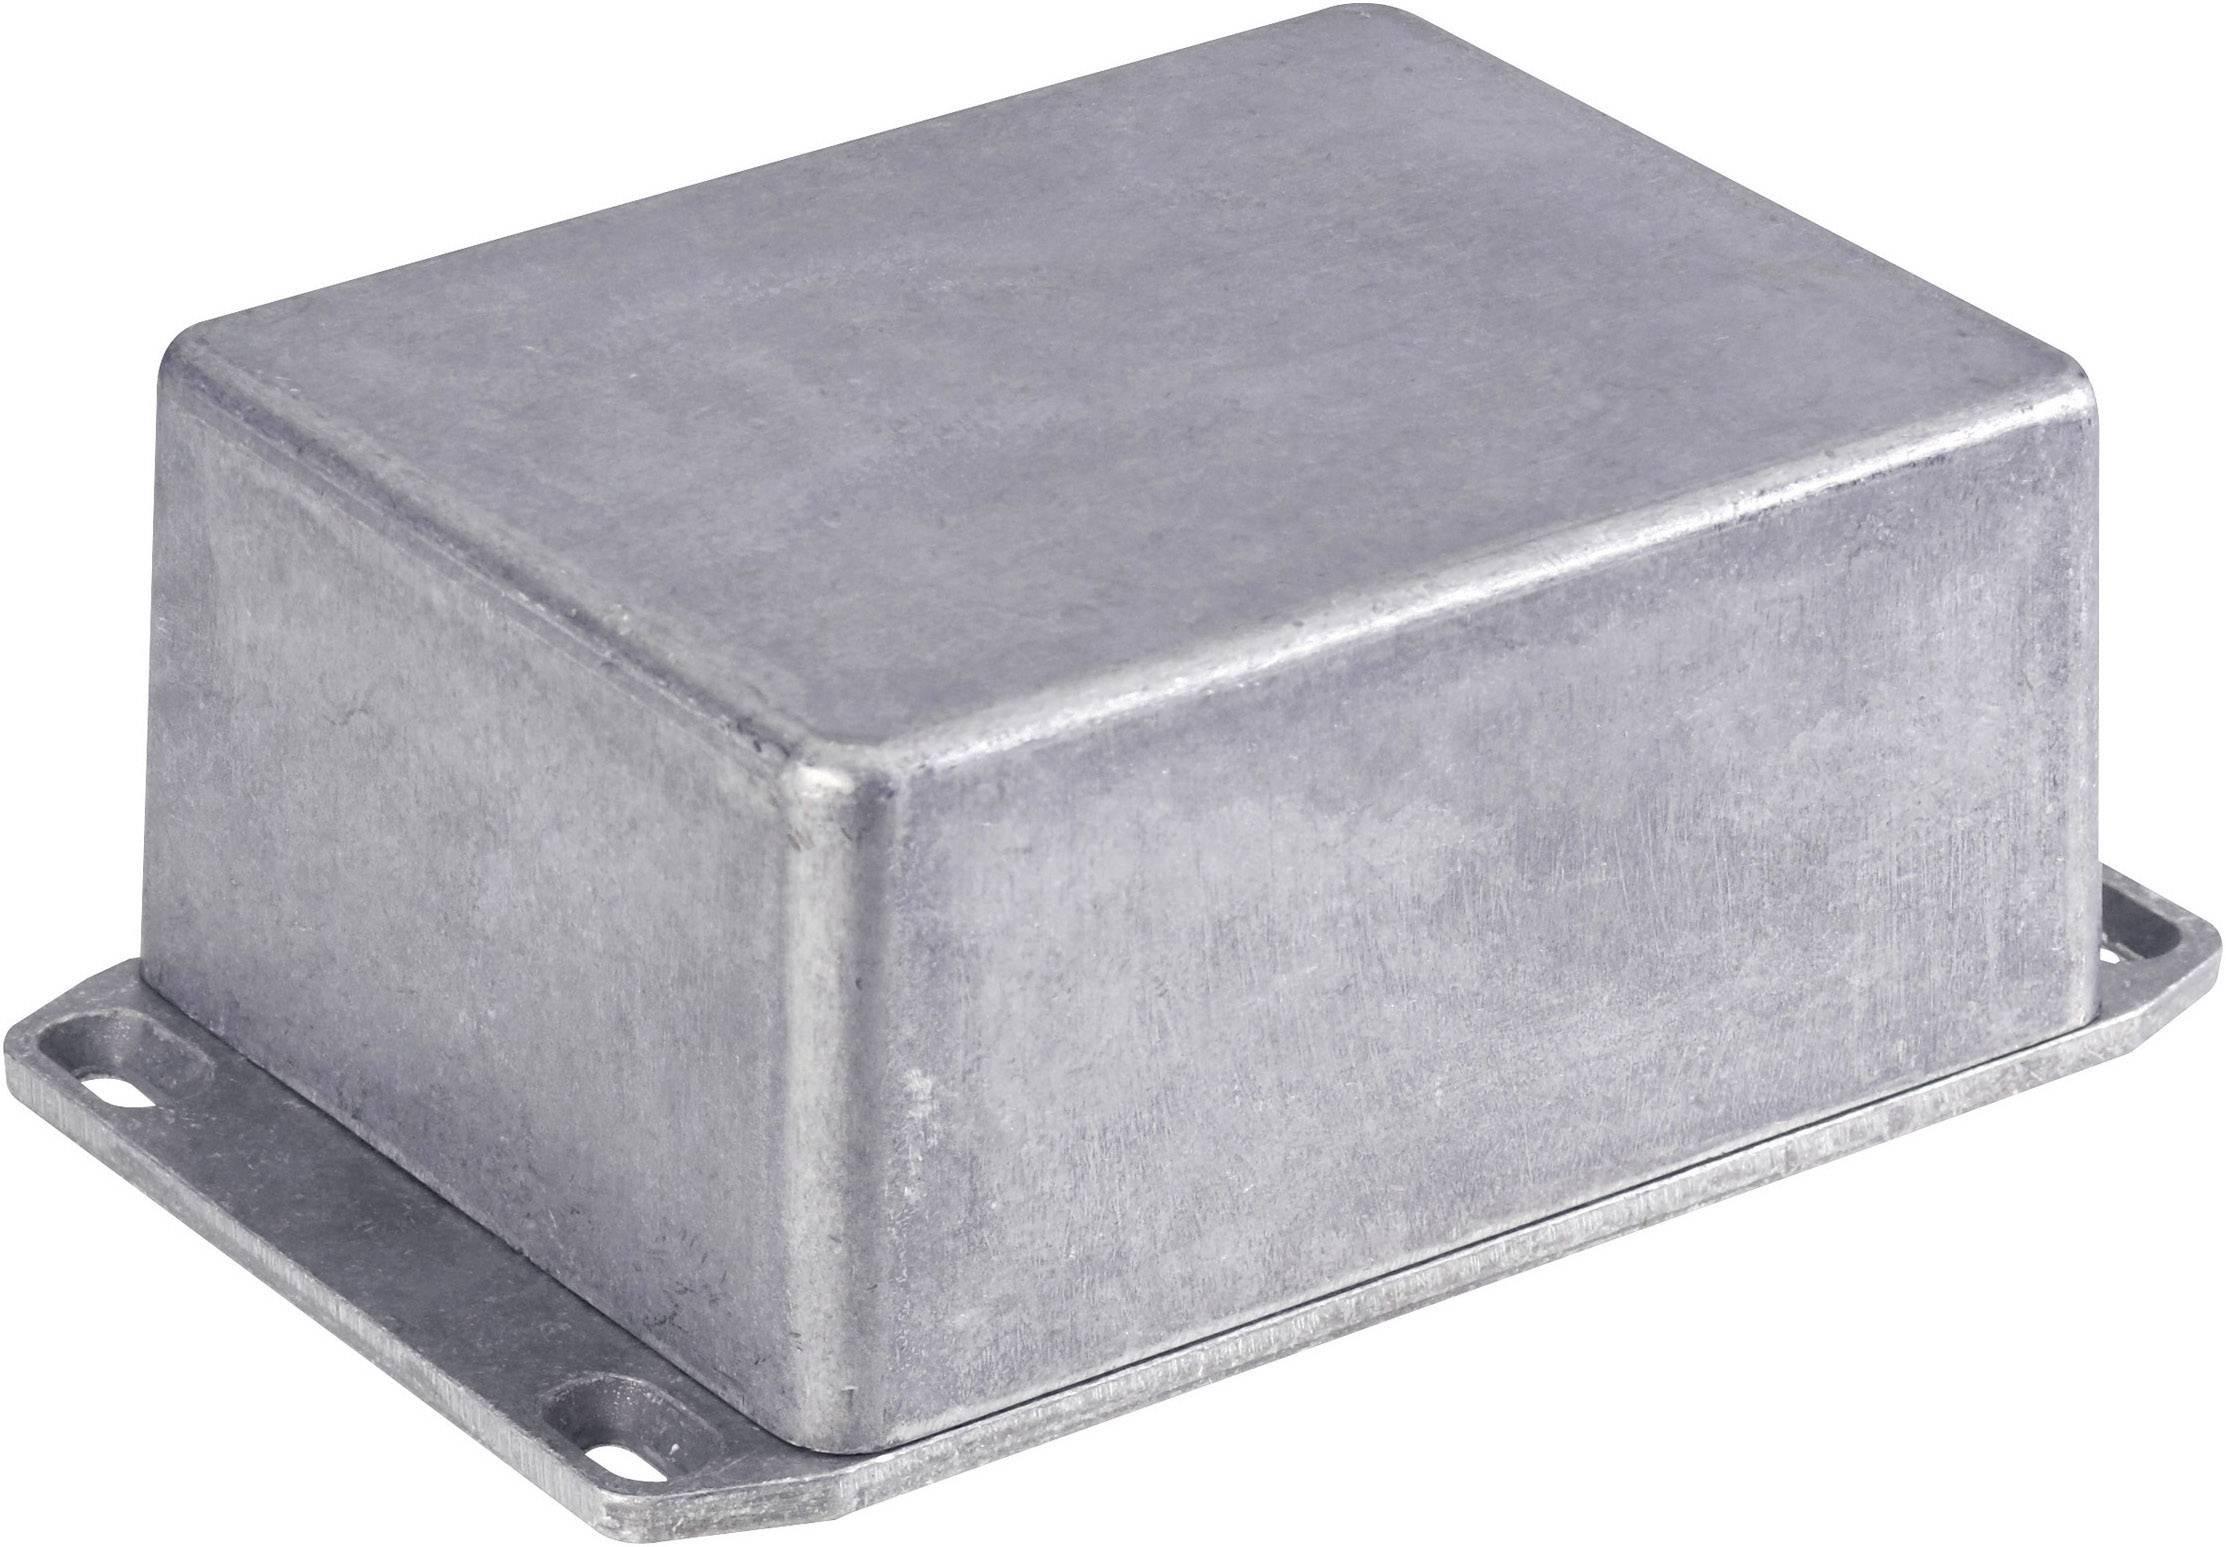 Tlakem lité hliníkové pouzdro Hammond Electronics 1590XFLBK, (d x š x v) 145 x 121 x 56 mm, černá